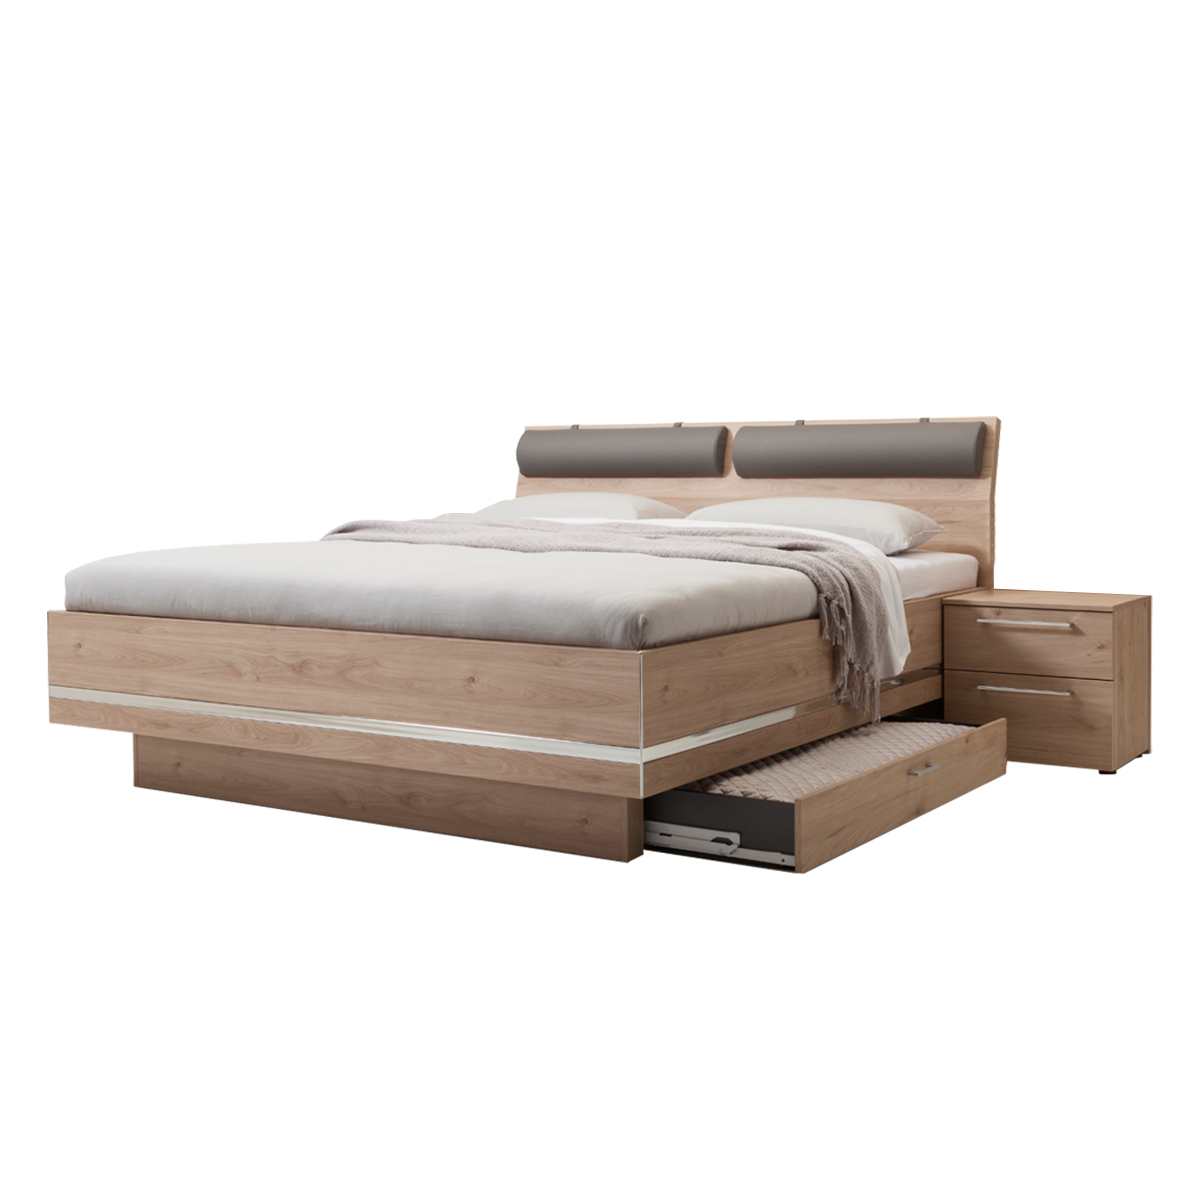 Nolte Mobel Concept Me 500 Bettanlage Mit Bettkasten In Jackson Eiche